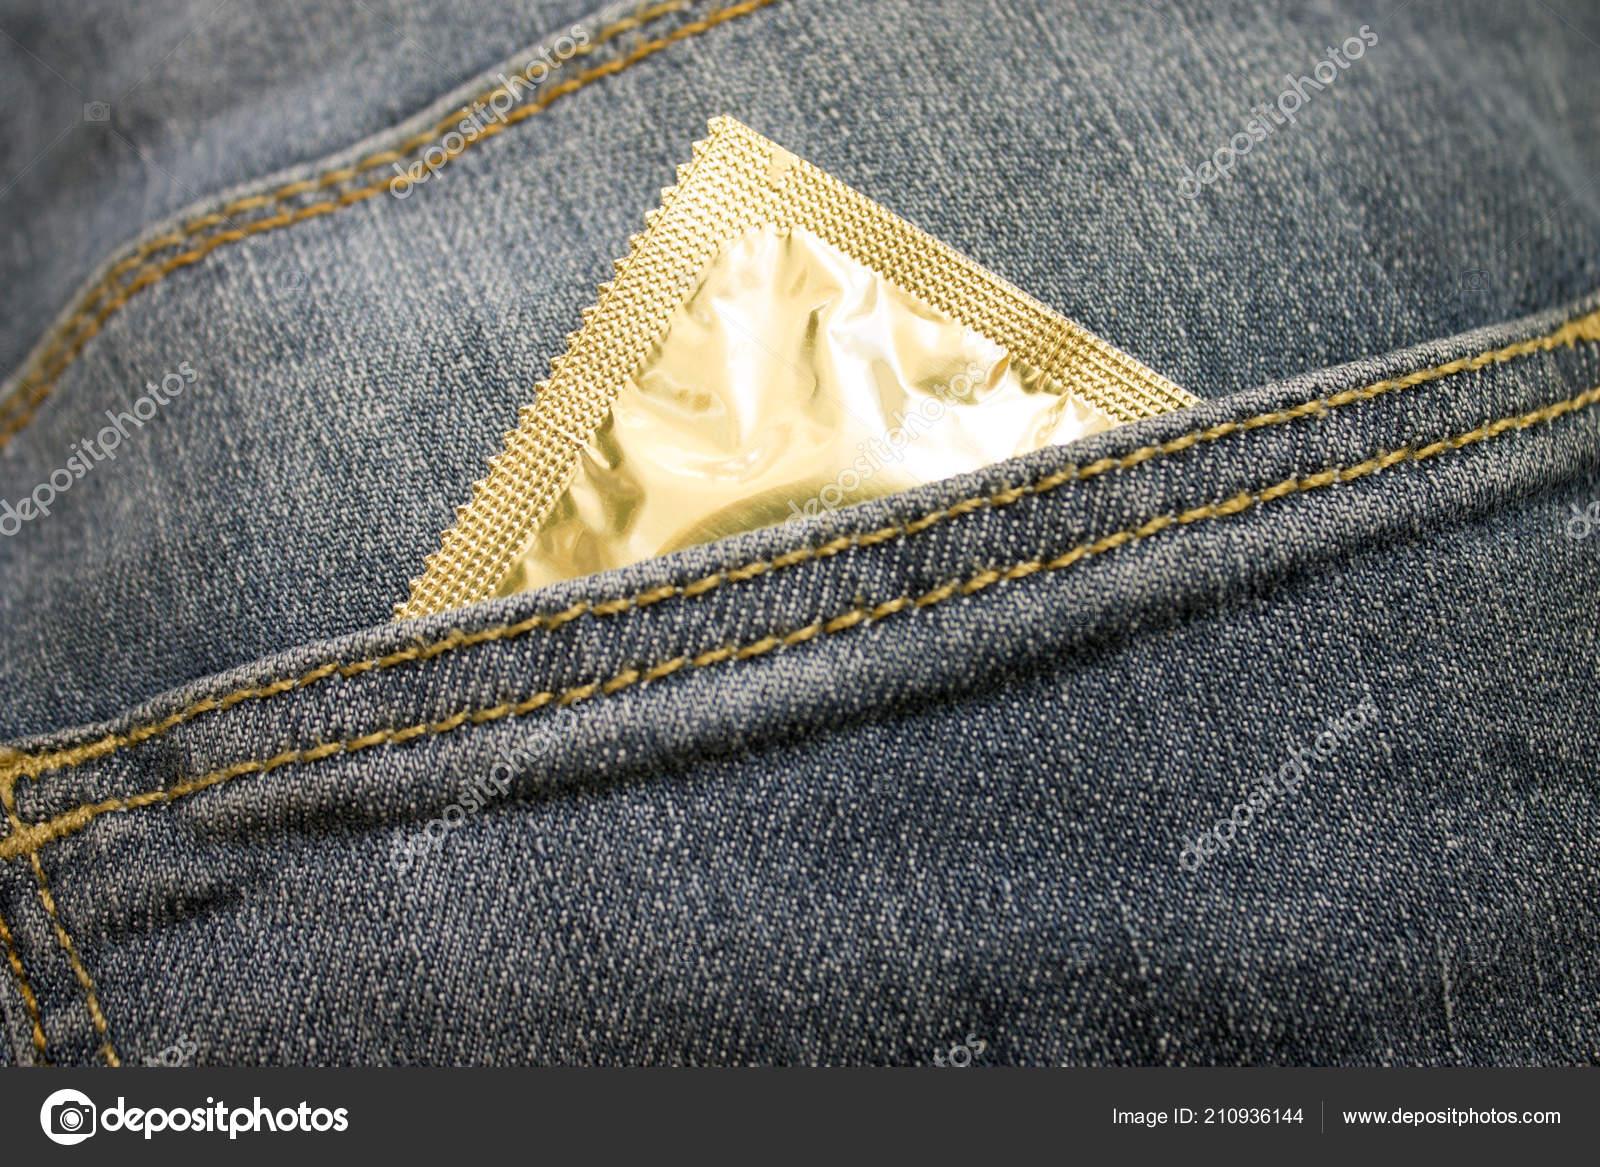 97b49f2ea Paquete Del Condón Sobresale Del Bolsillo Los Pantalones Vaqueros — Foto de  Stock